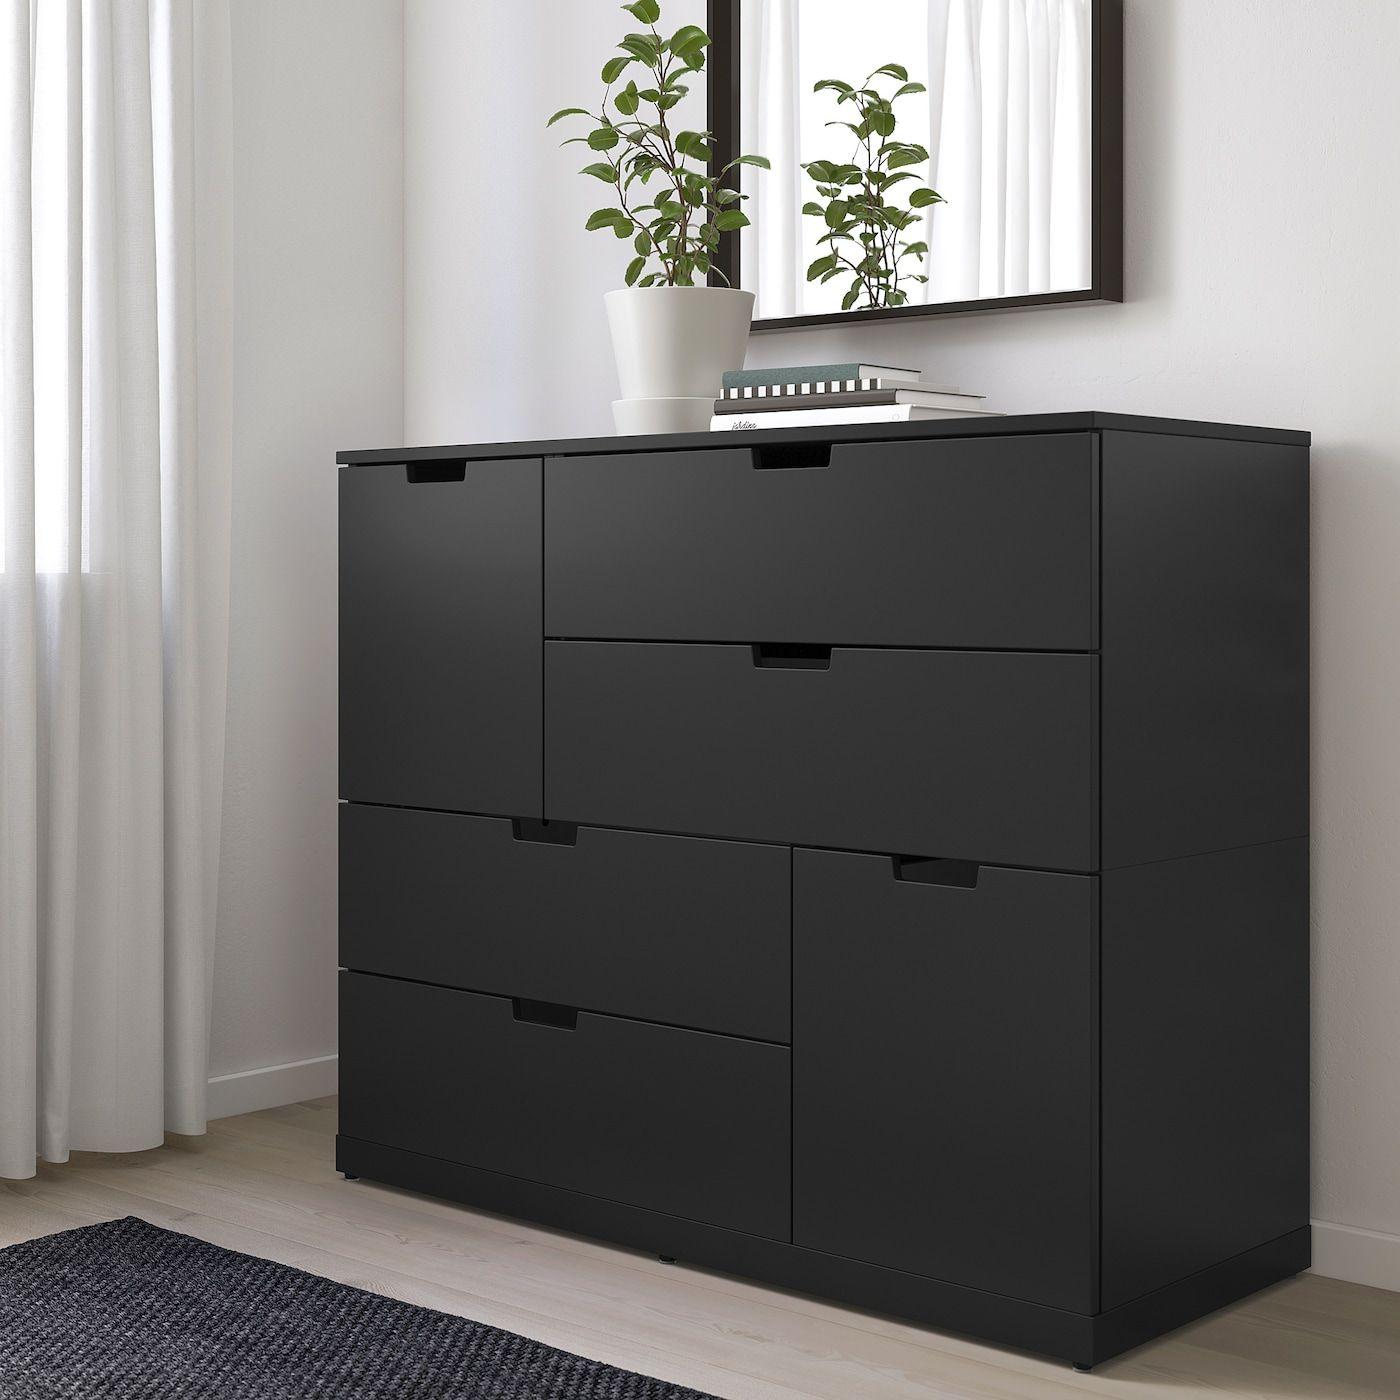 Nordli Kommode Mit 6 Schubladen Anthrazit In 2020 Ikea